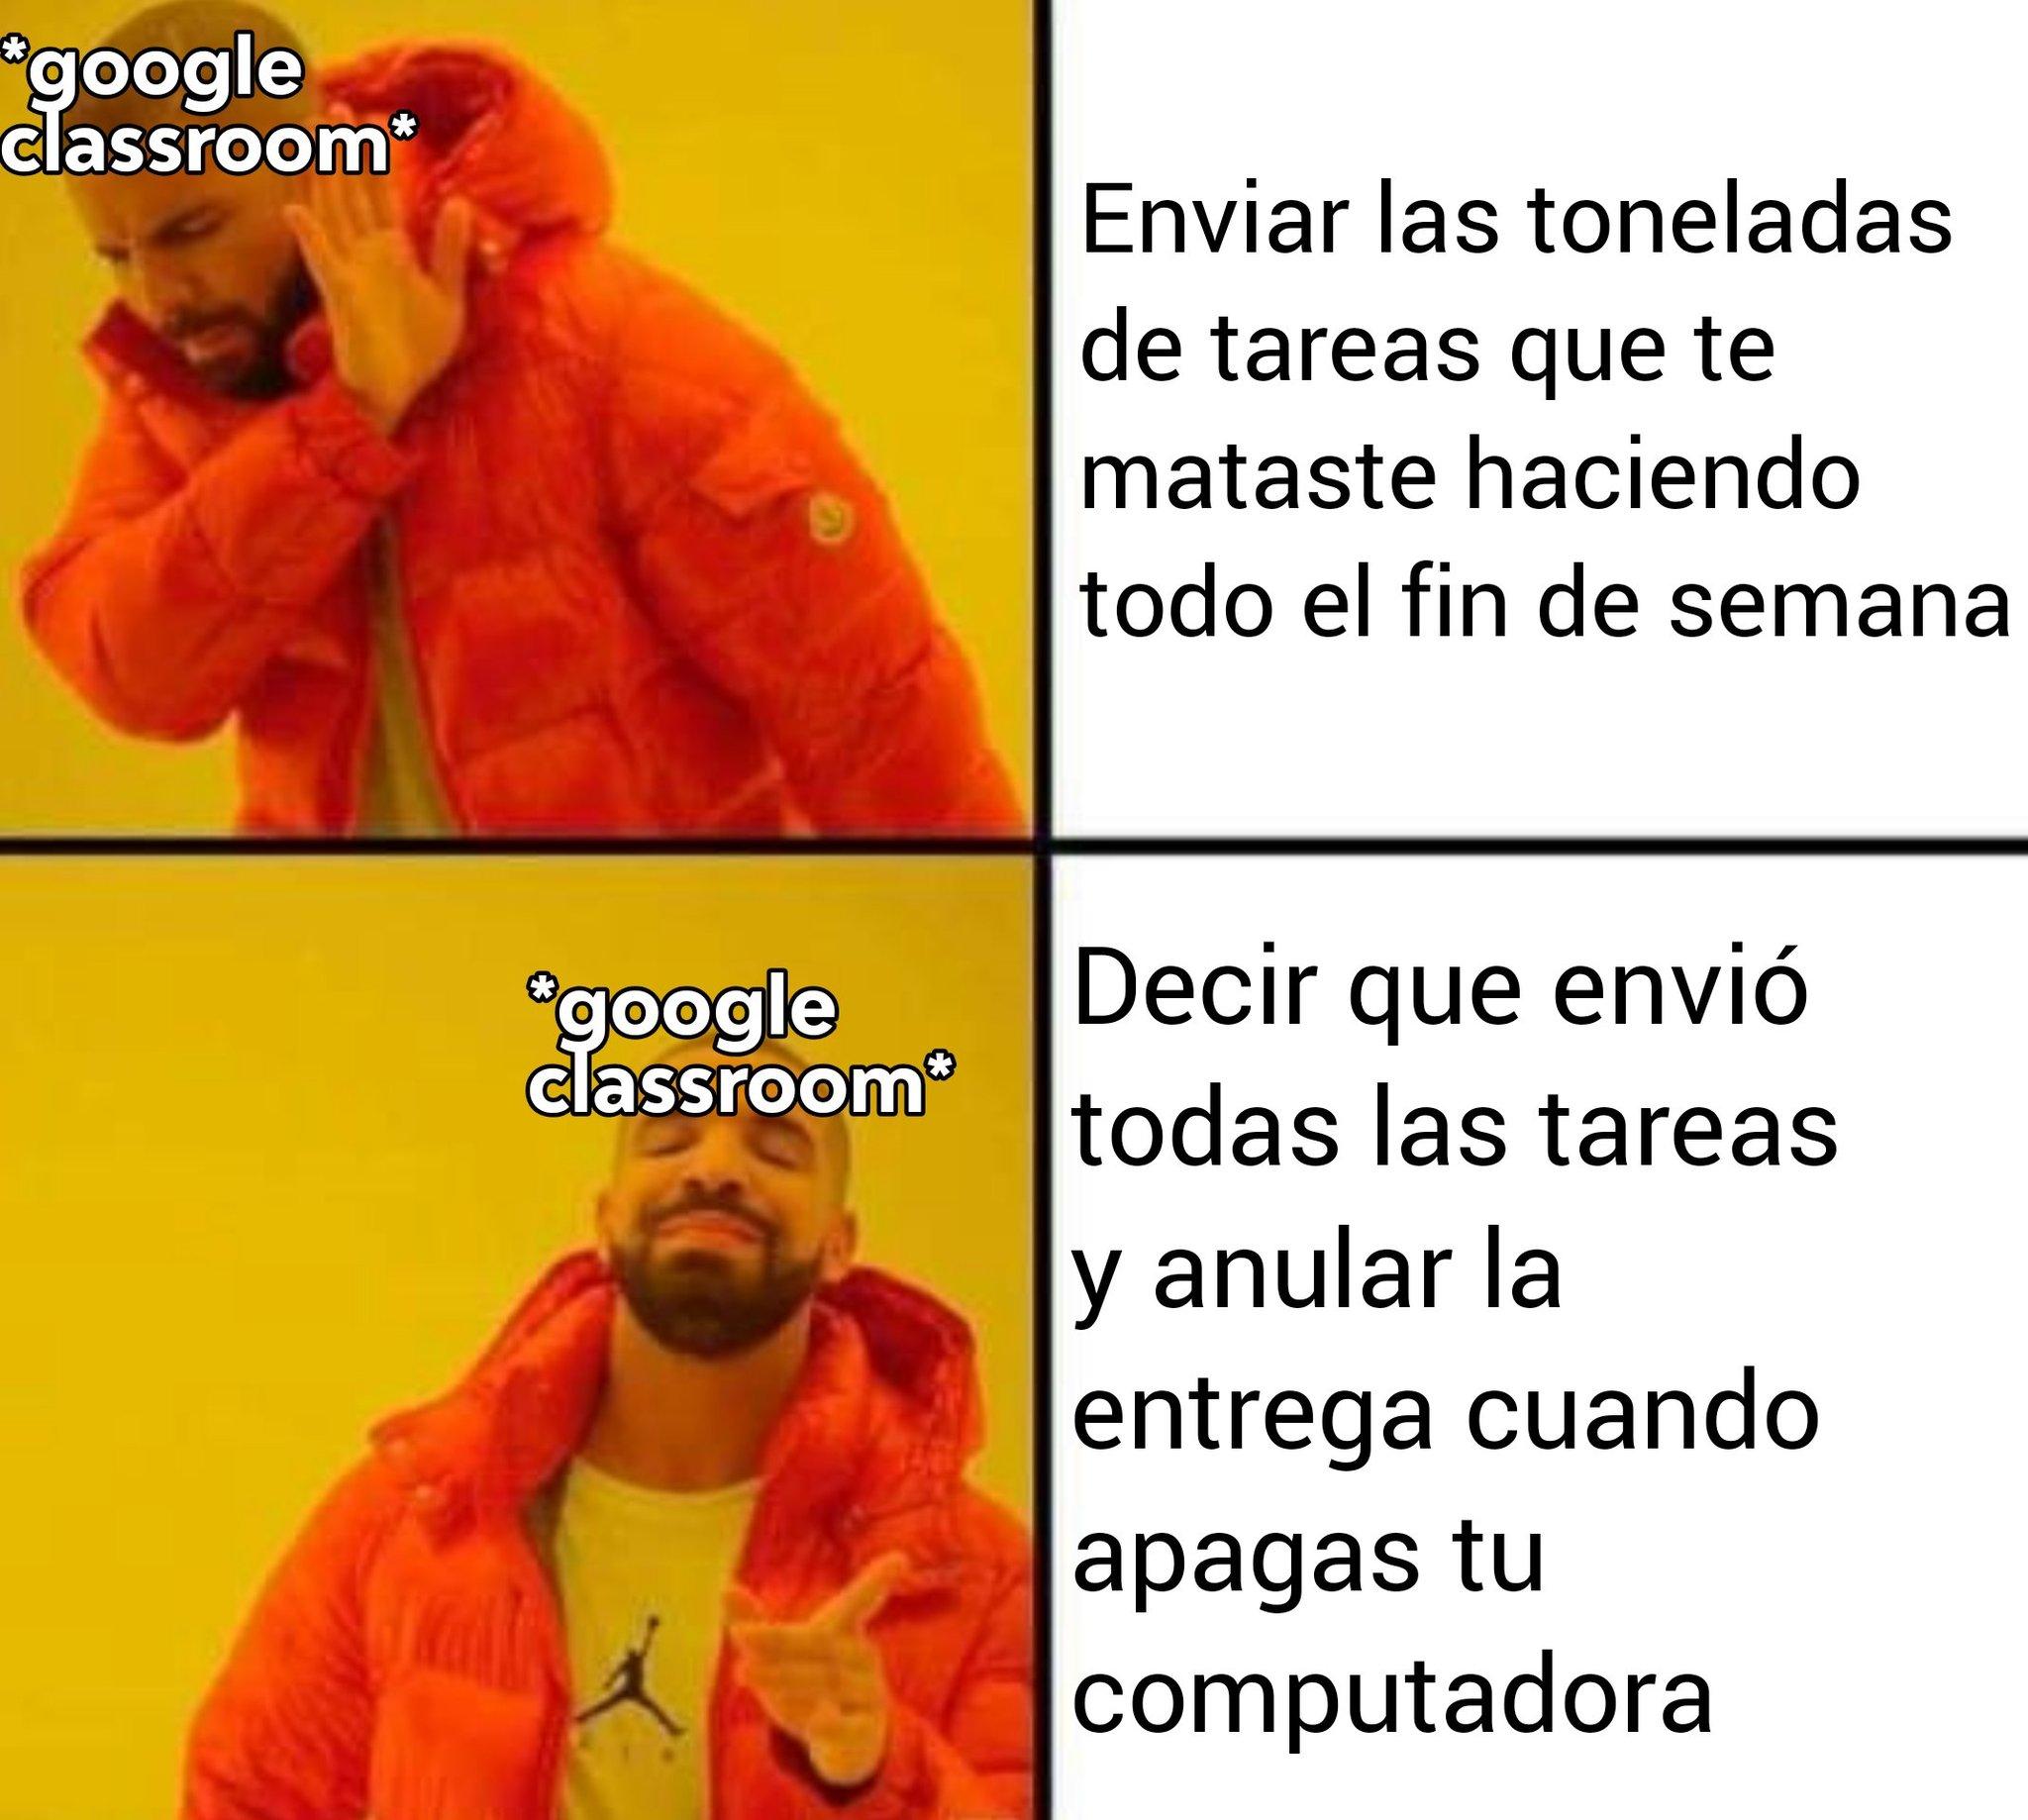 Te maldigo google Classroom y meet - meme